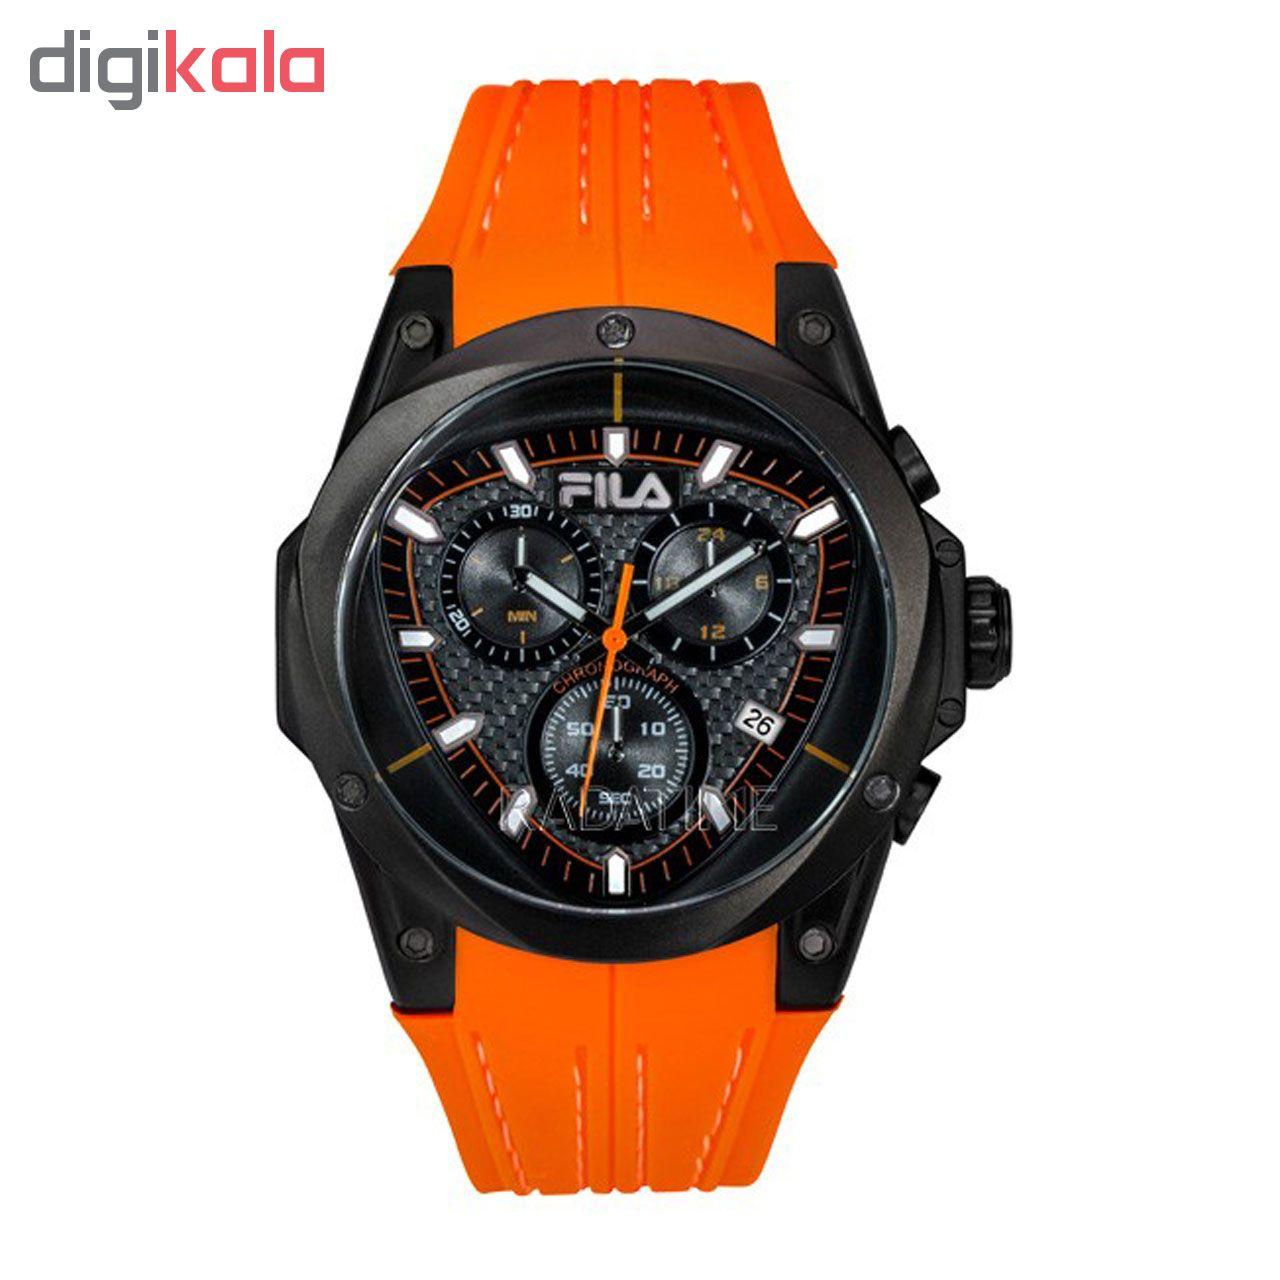 خرید ساعت مچی عقربه ای مردانه ی فیلا مدل 38-821-006